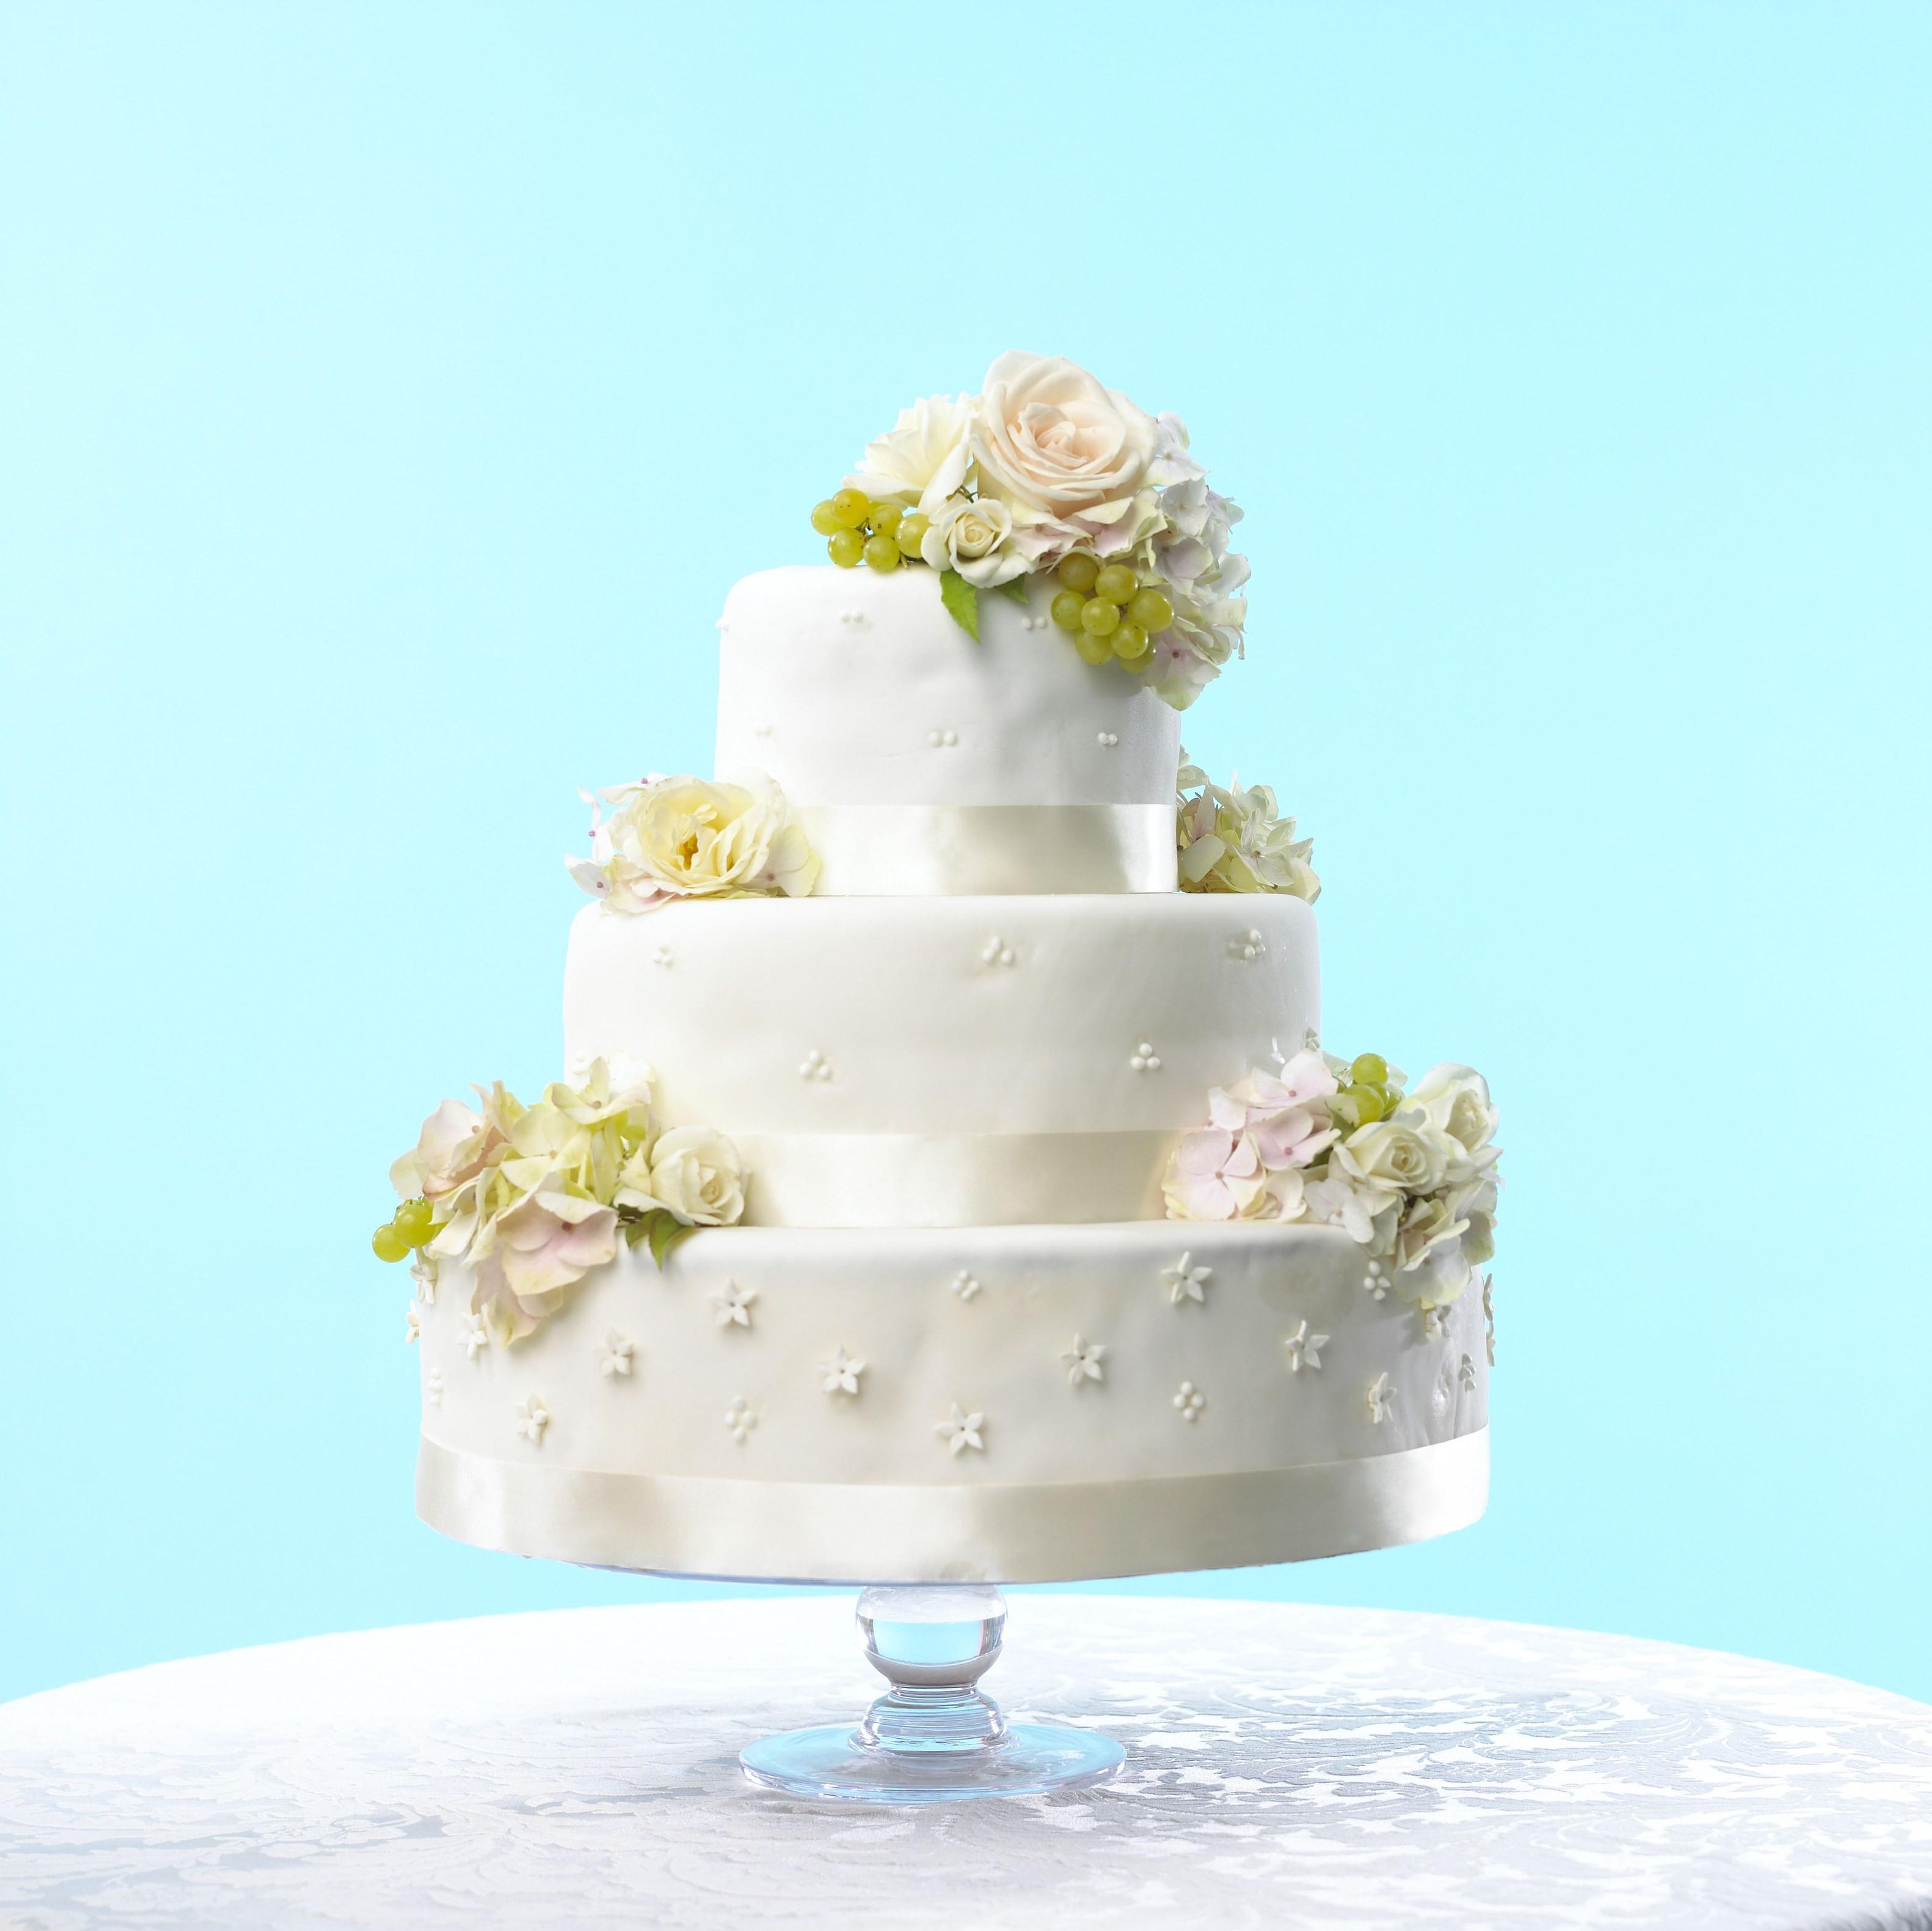 I Do Wedding Cakes  This Wedding Cake Looks Exactly Like a Life Size Wedding